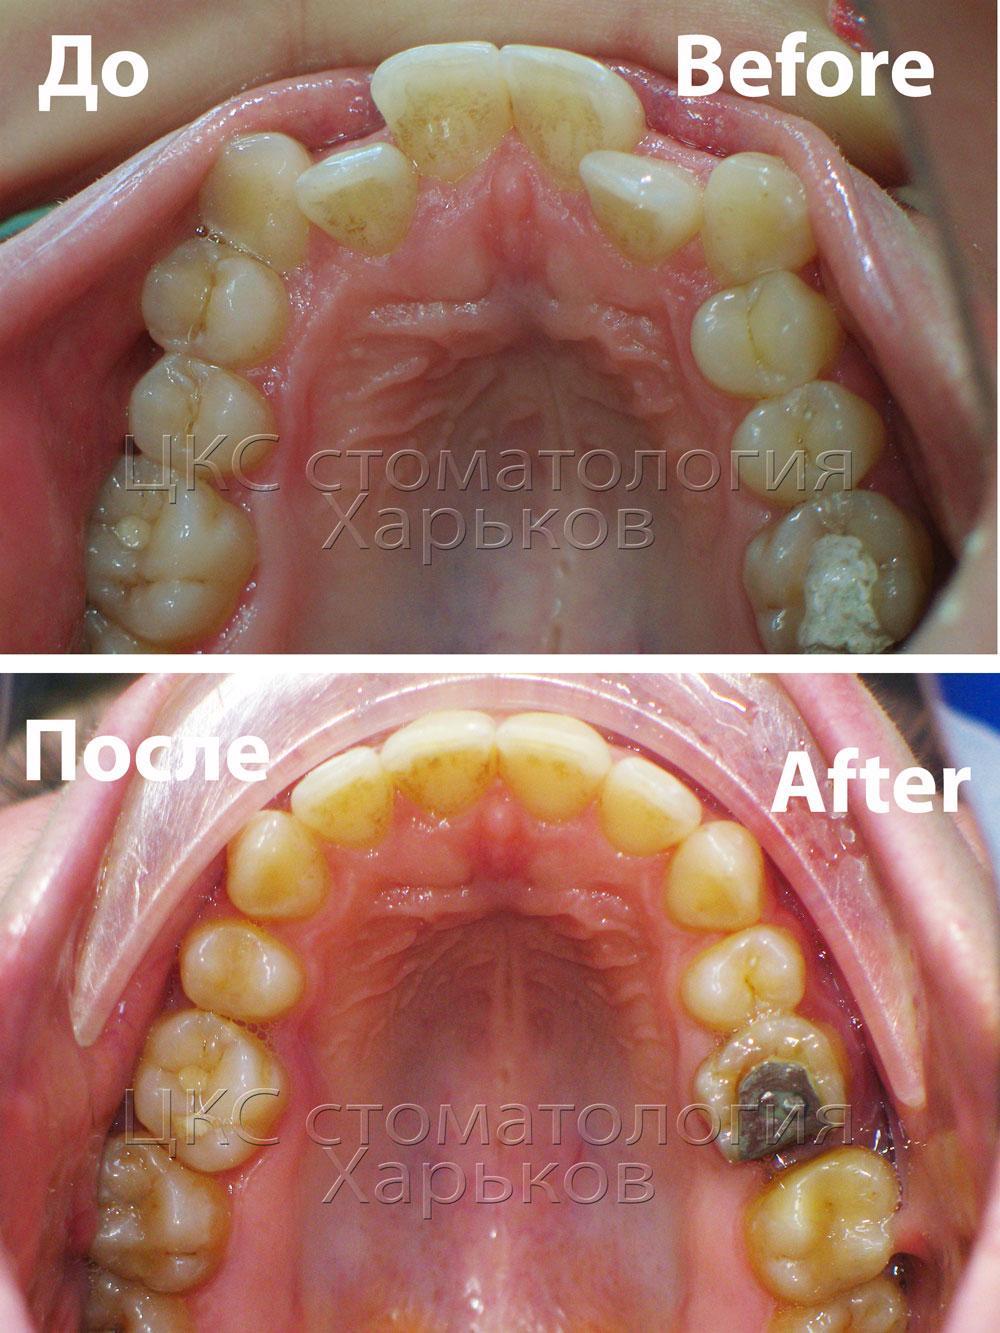 Форма зубного ряда пациента до и после лечения брекетами